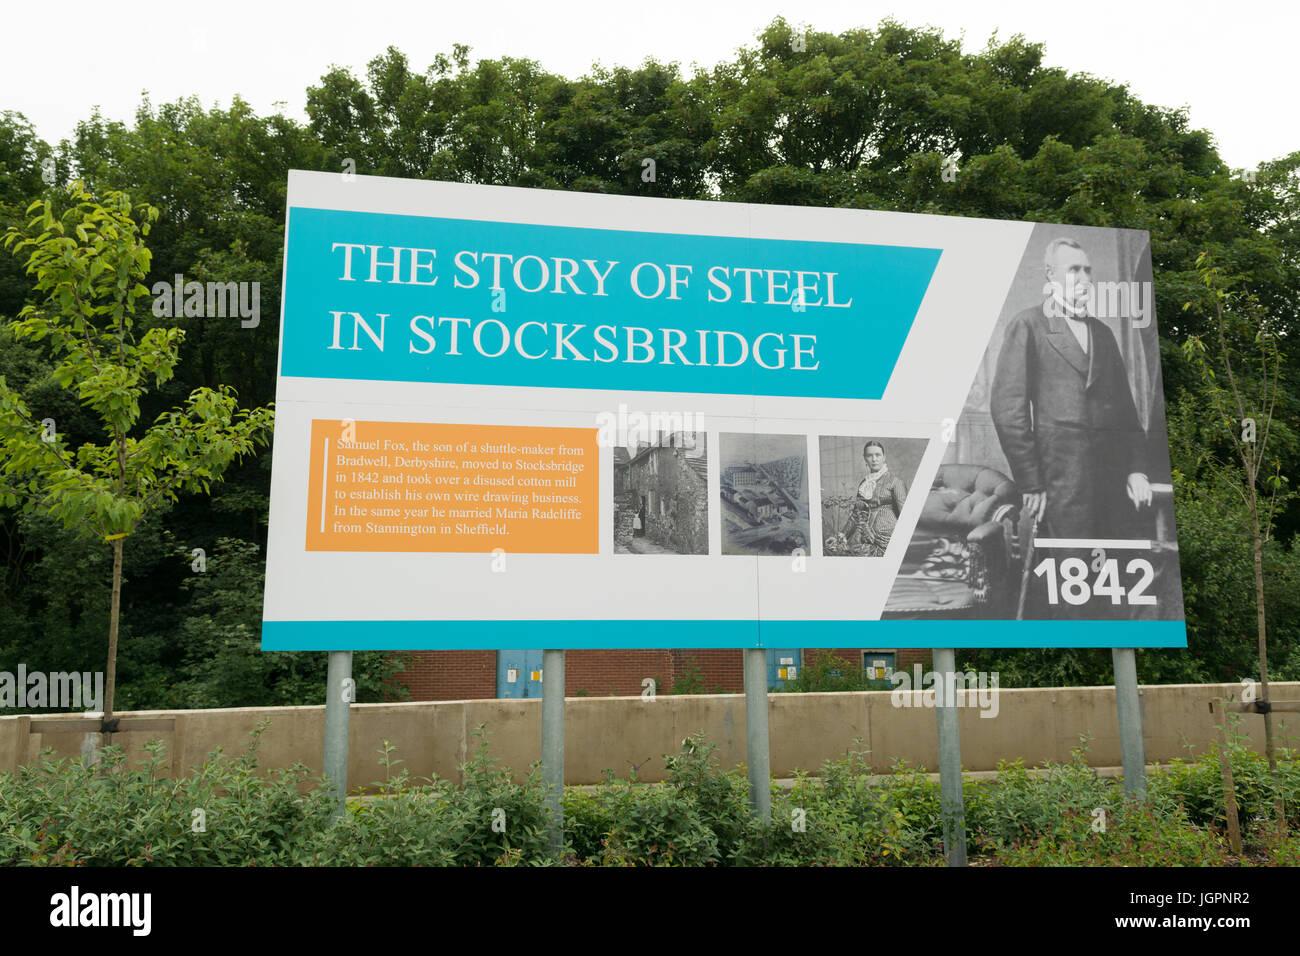 Sheffield, Stocksbridge - La historia del acero en Stocksbridge - parte de una serie de paneles informativos en Imagen De Stock